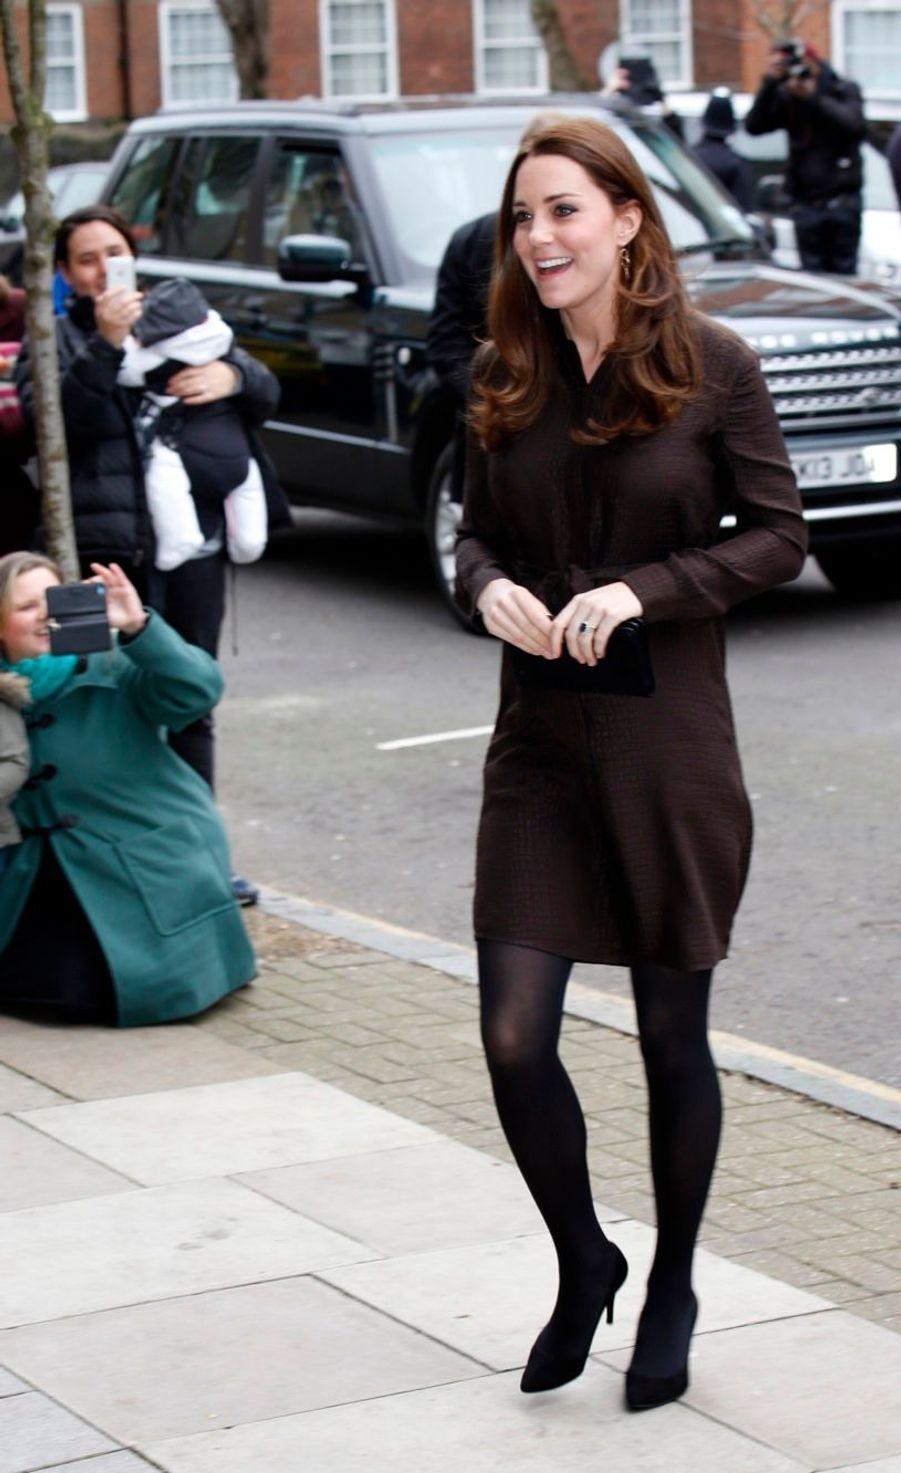 4 La Duchesse De Cambridge, Née Kate Middleton, En Visite Dans Une Association De Familles D'accueil